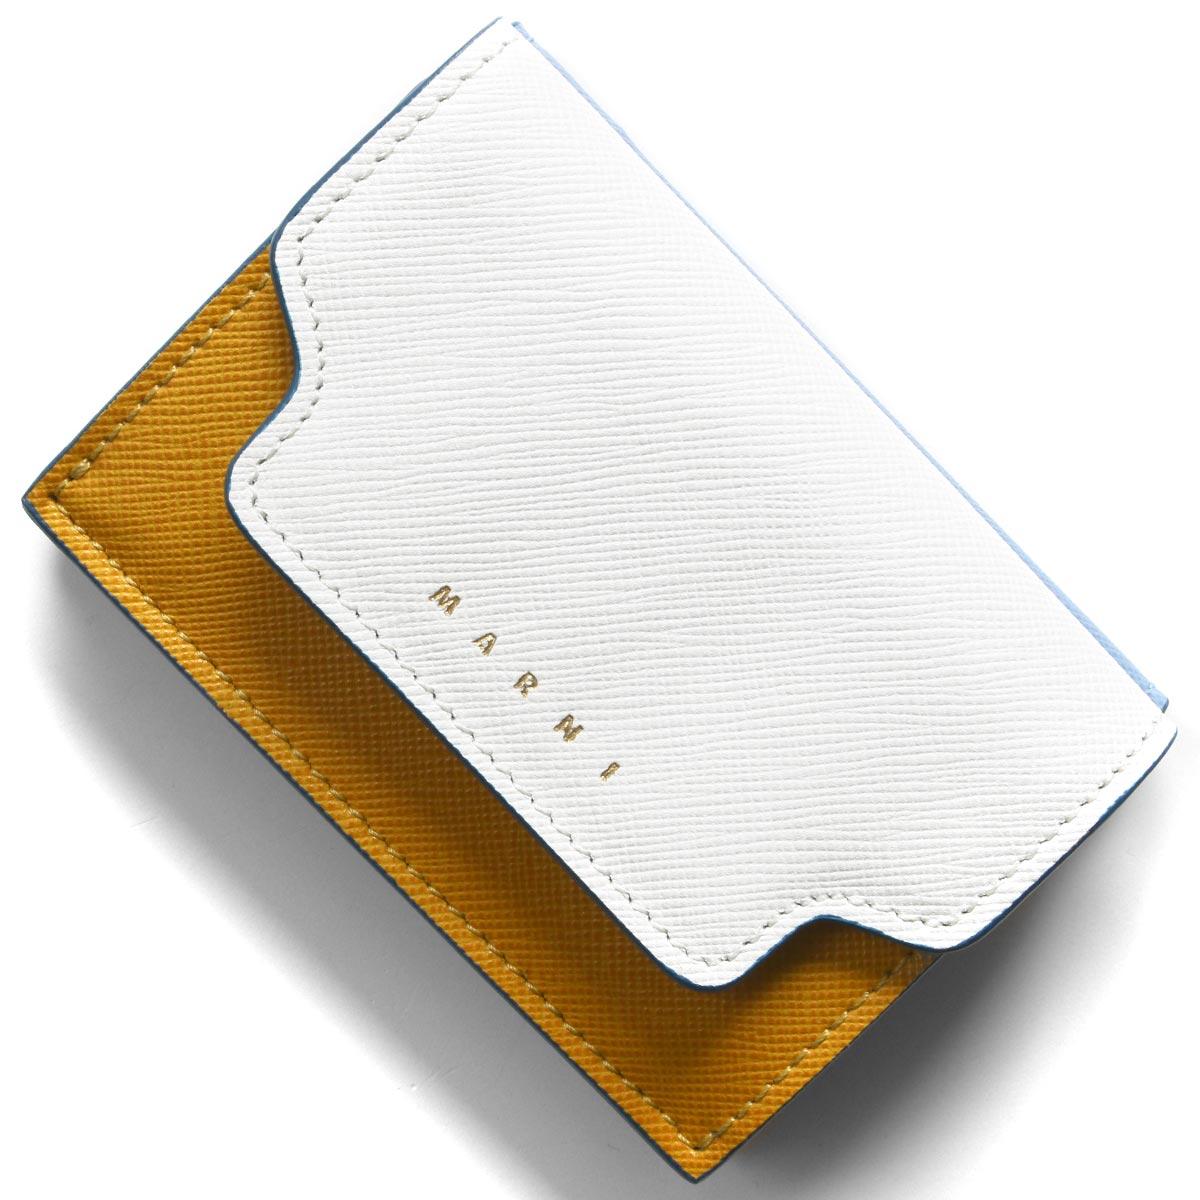 マルニ 三つ折り財布/ミニ財布 財布 レディース トリフォールド ナチュラルホワイト&パンプキンオレンジ&オパールライトブルー&デューンベージュ PFMOW02U09 LV520 Z271U 2020年春夏新作 MARNI